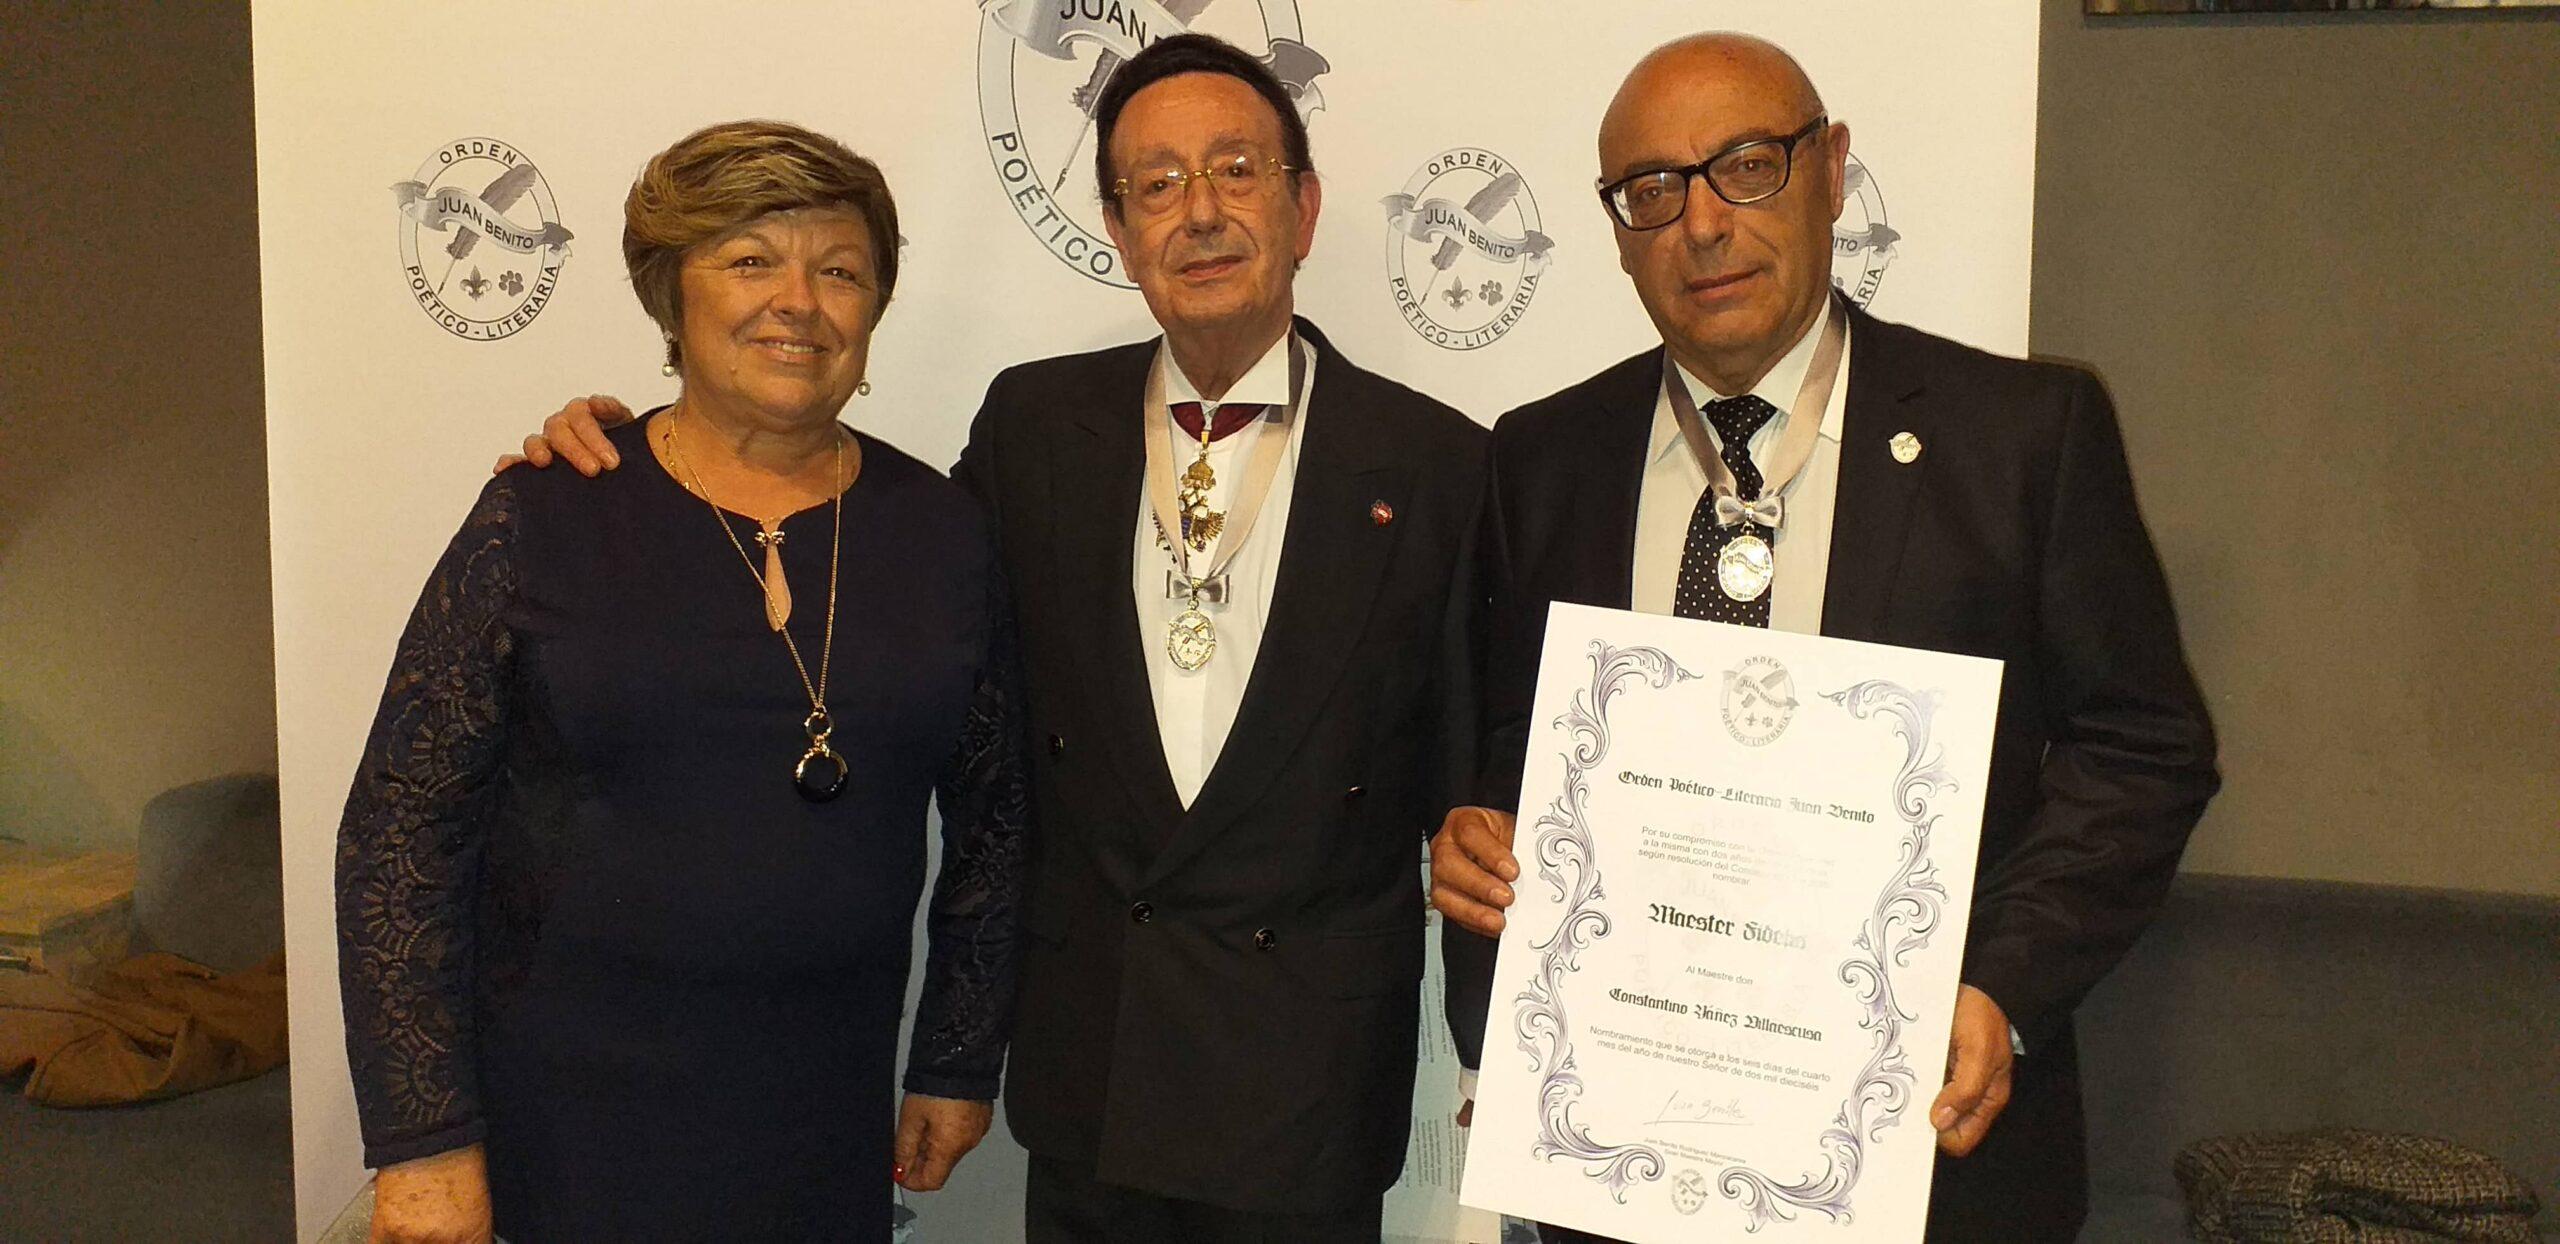 Conoce a Constantino Yáñez Villaescusa, Maestre fundador y embajador de la Real Orden Poético-literaria Juan Benito.